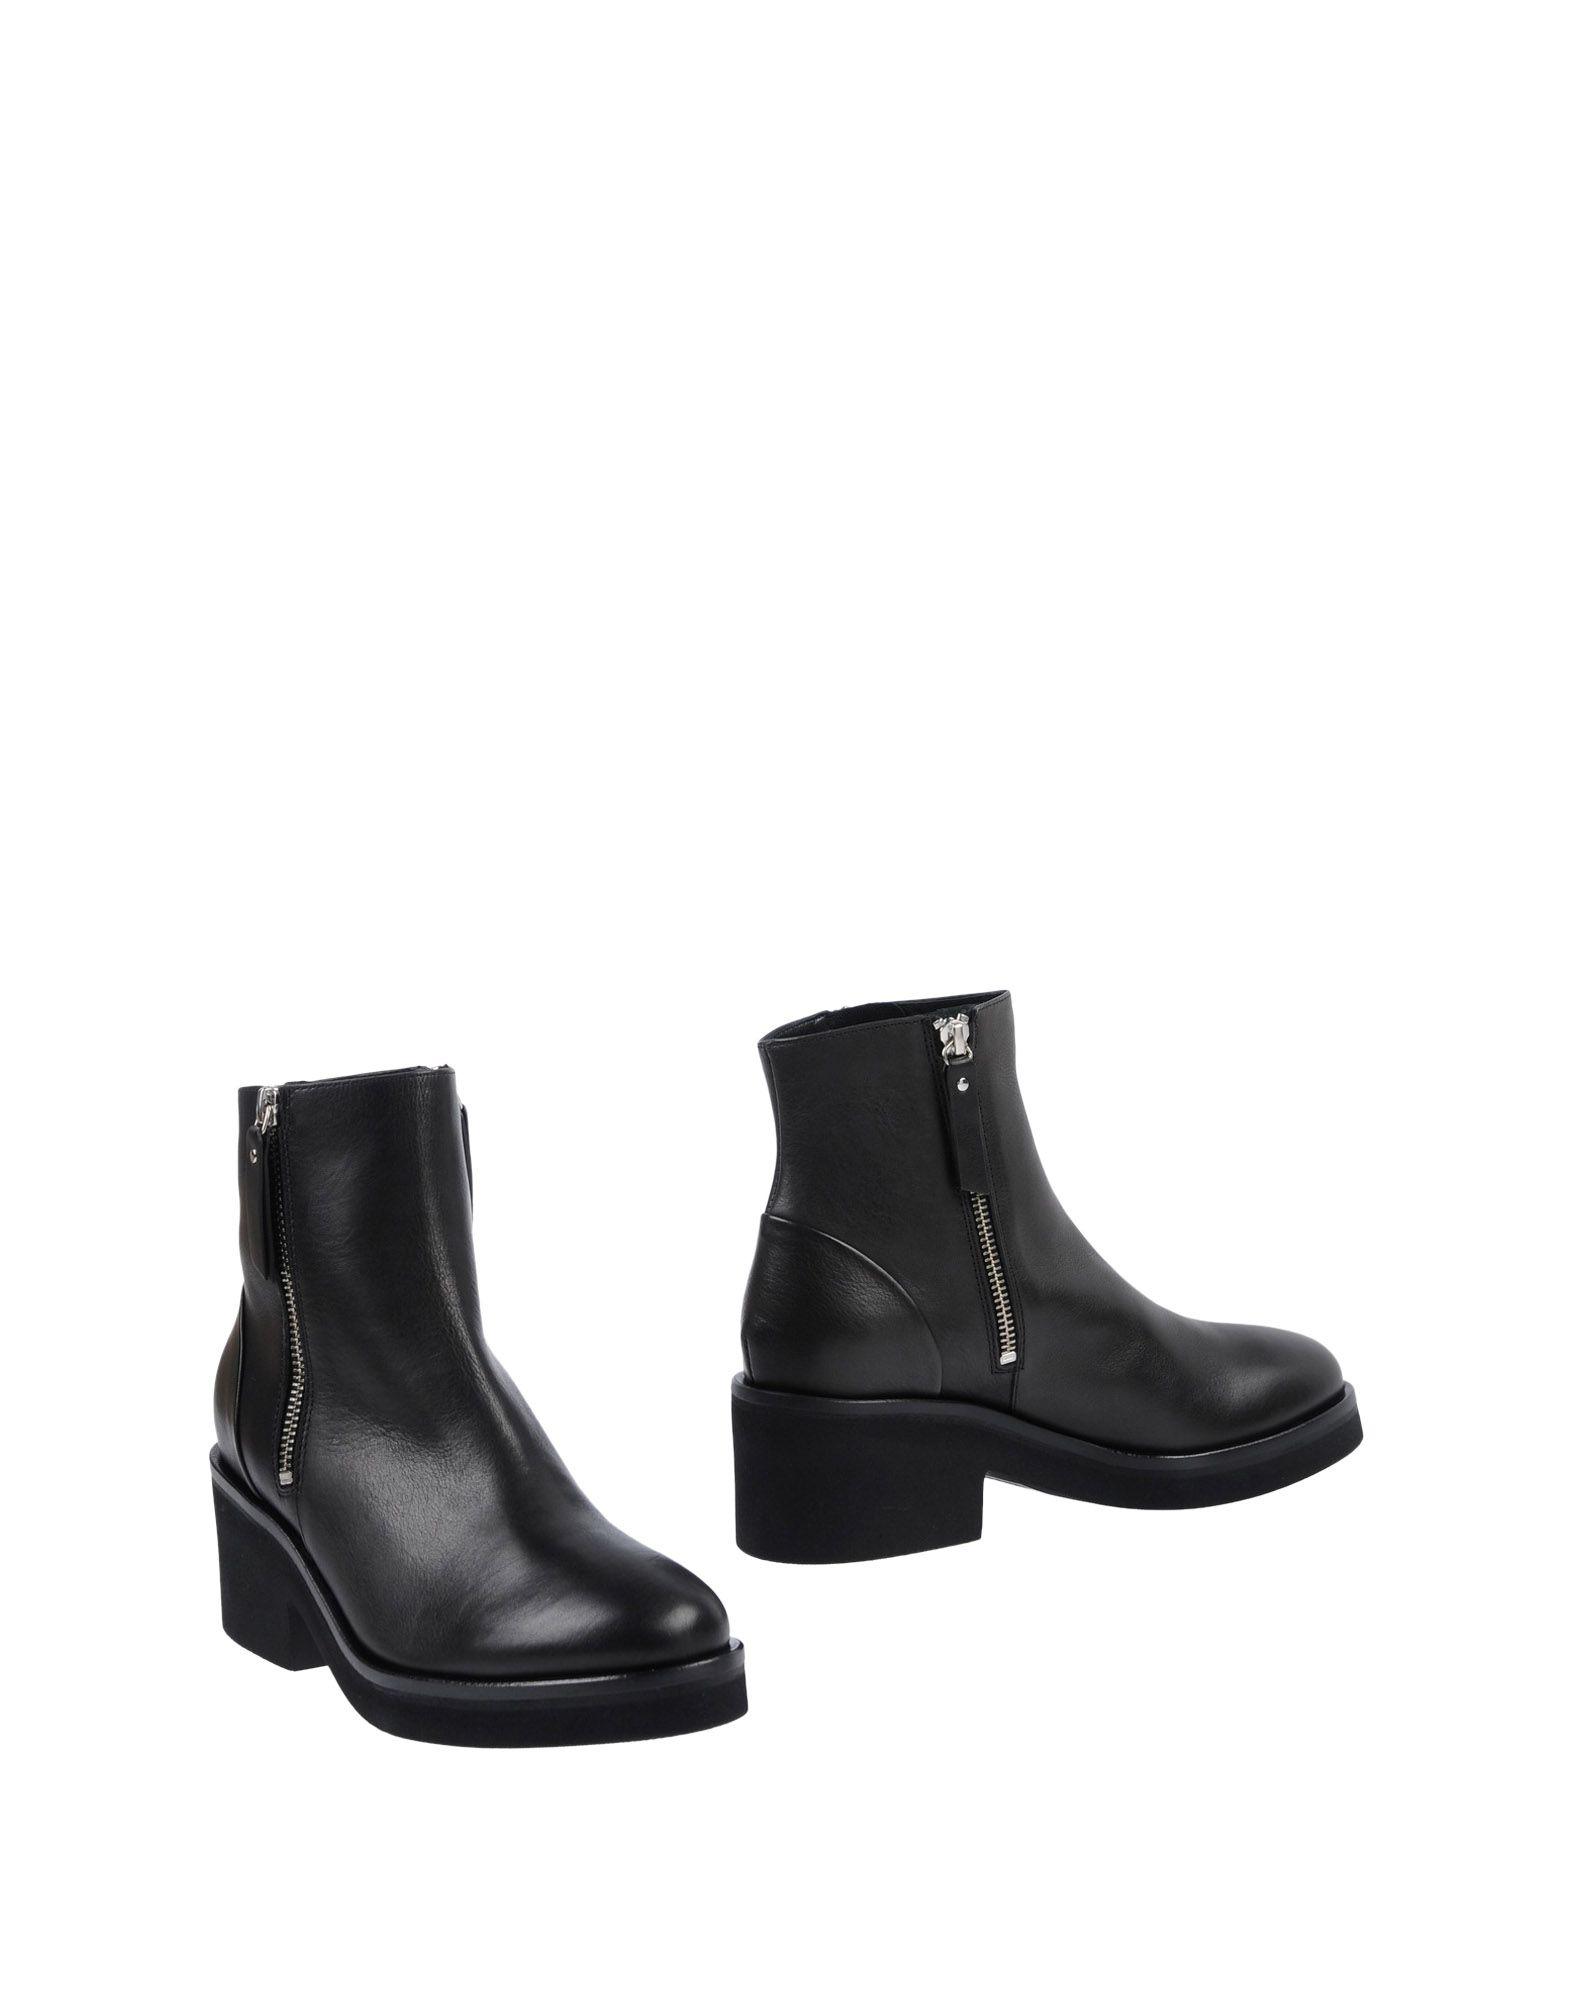 Stilvolle Stiefelette billige Schuhe Vic Matiē Stiefelette Stilvolle Damen  11471833SI 73f761